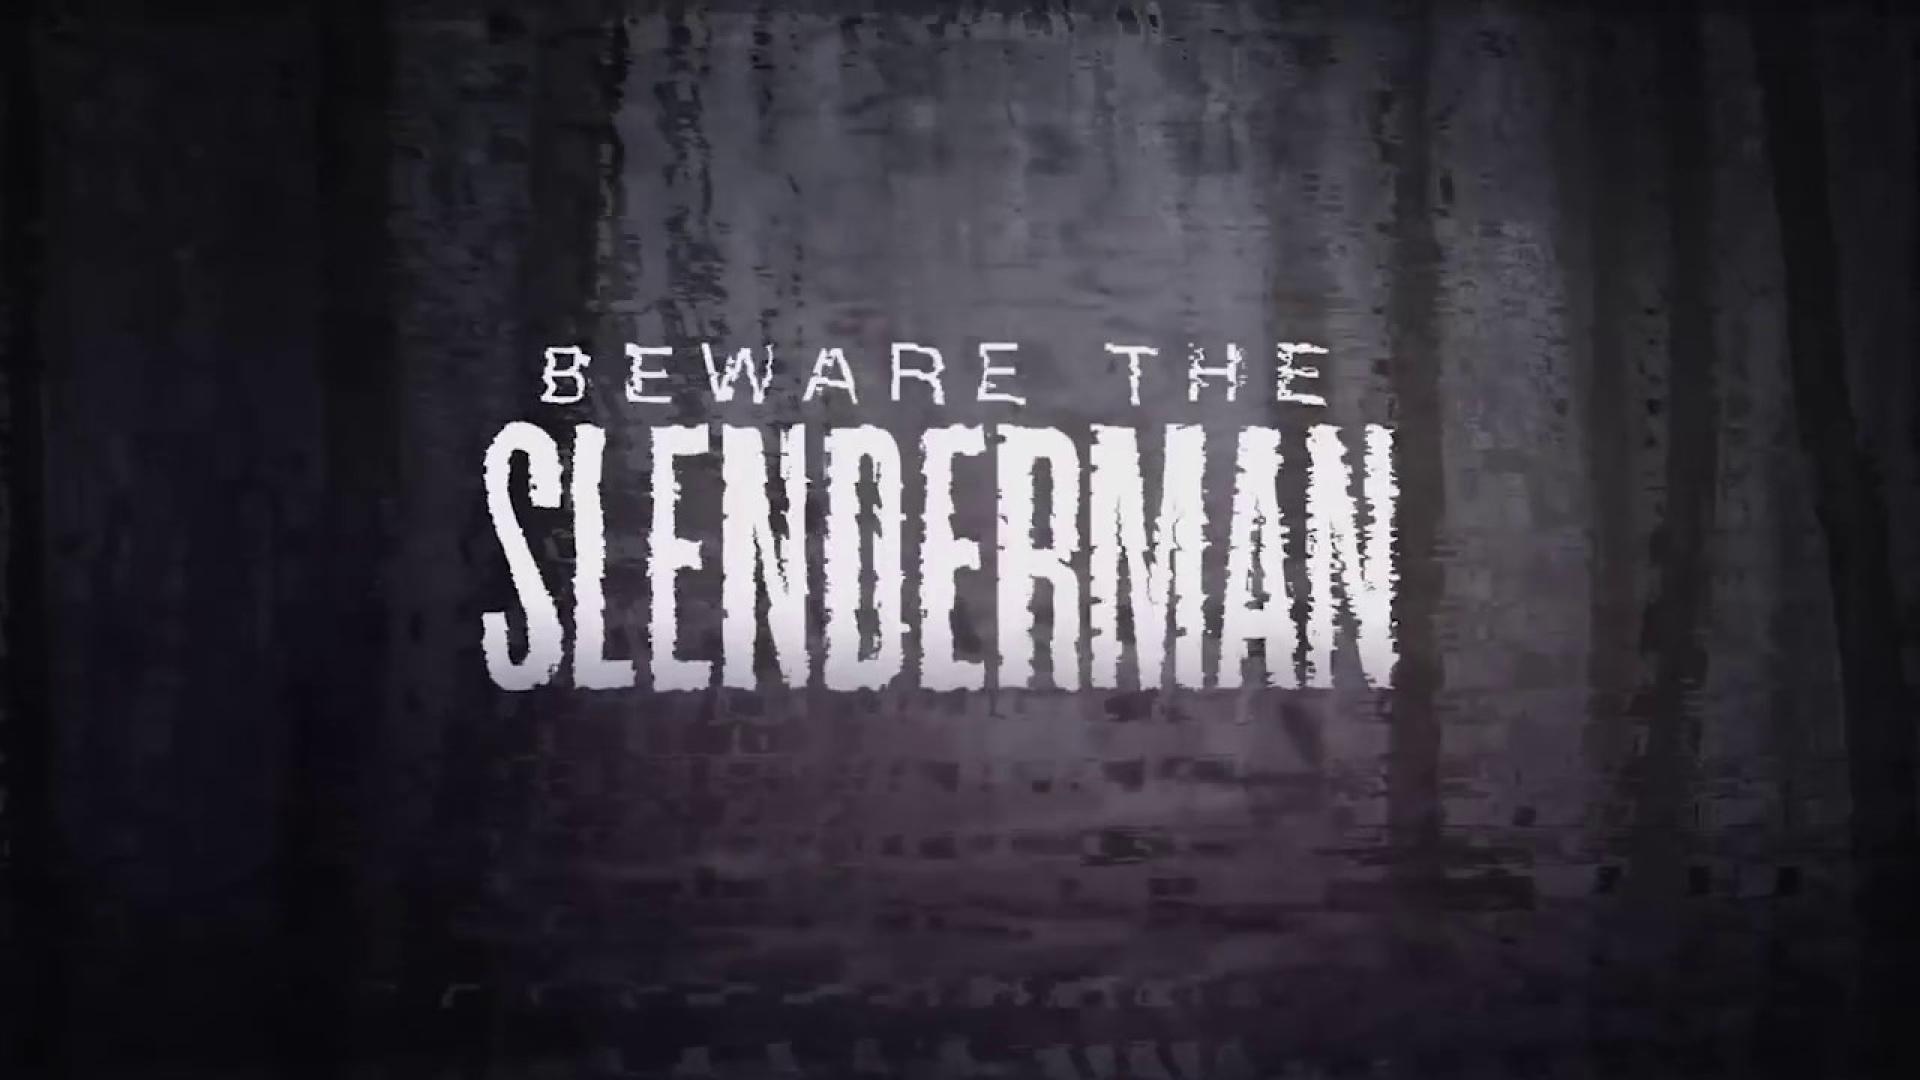 Beware the Slenderman / Slenderman: Az internet réme életre kel (2016)